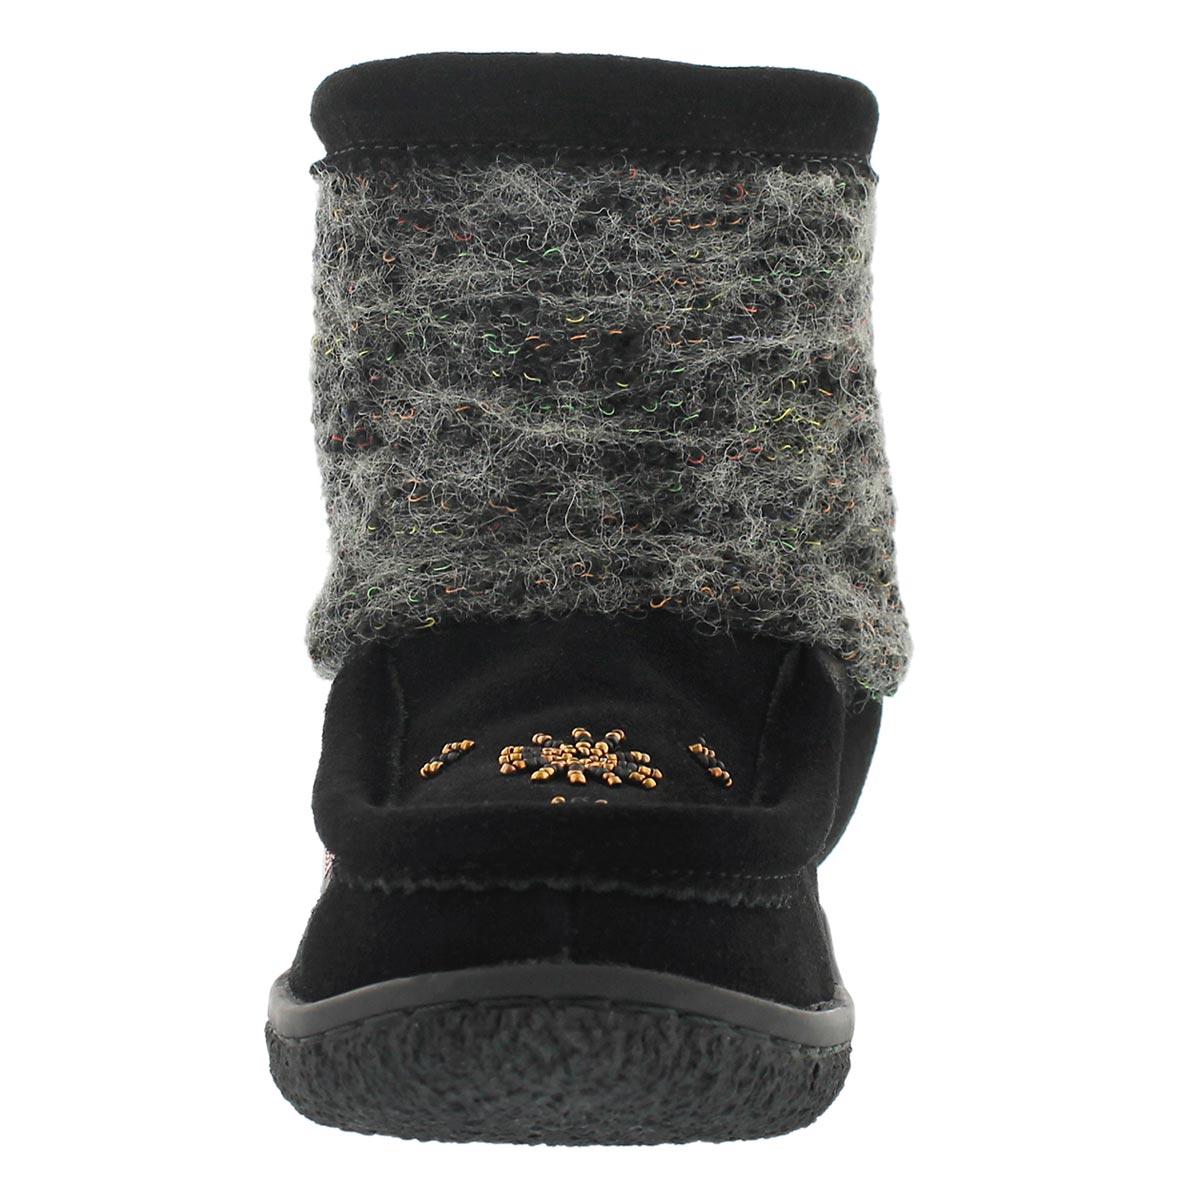 Lds black fabric detail mini mukluk